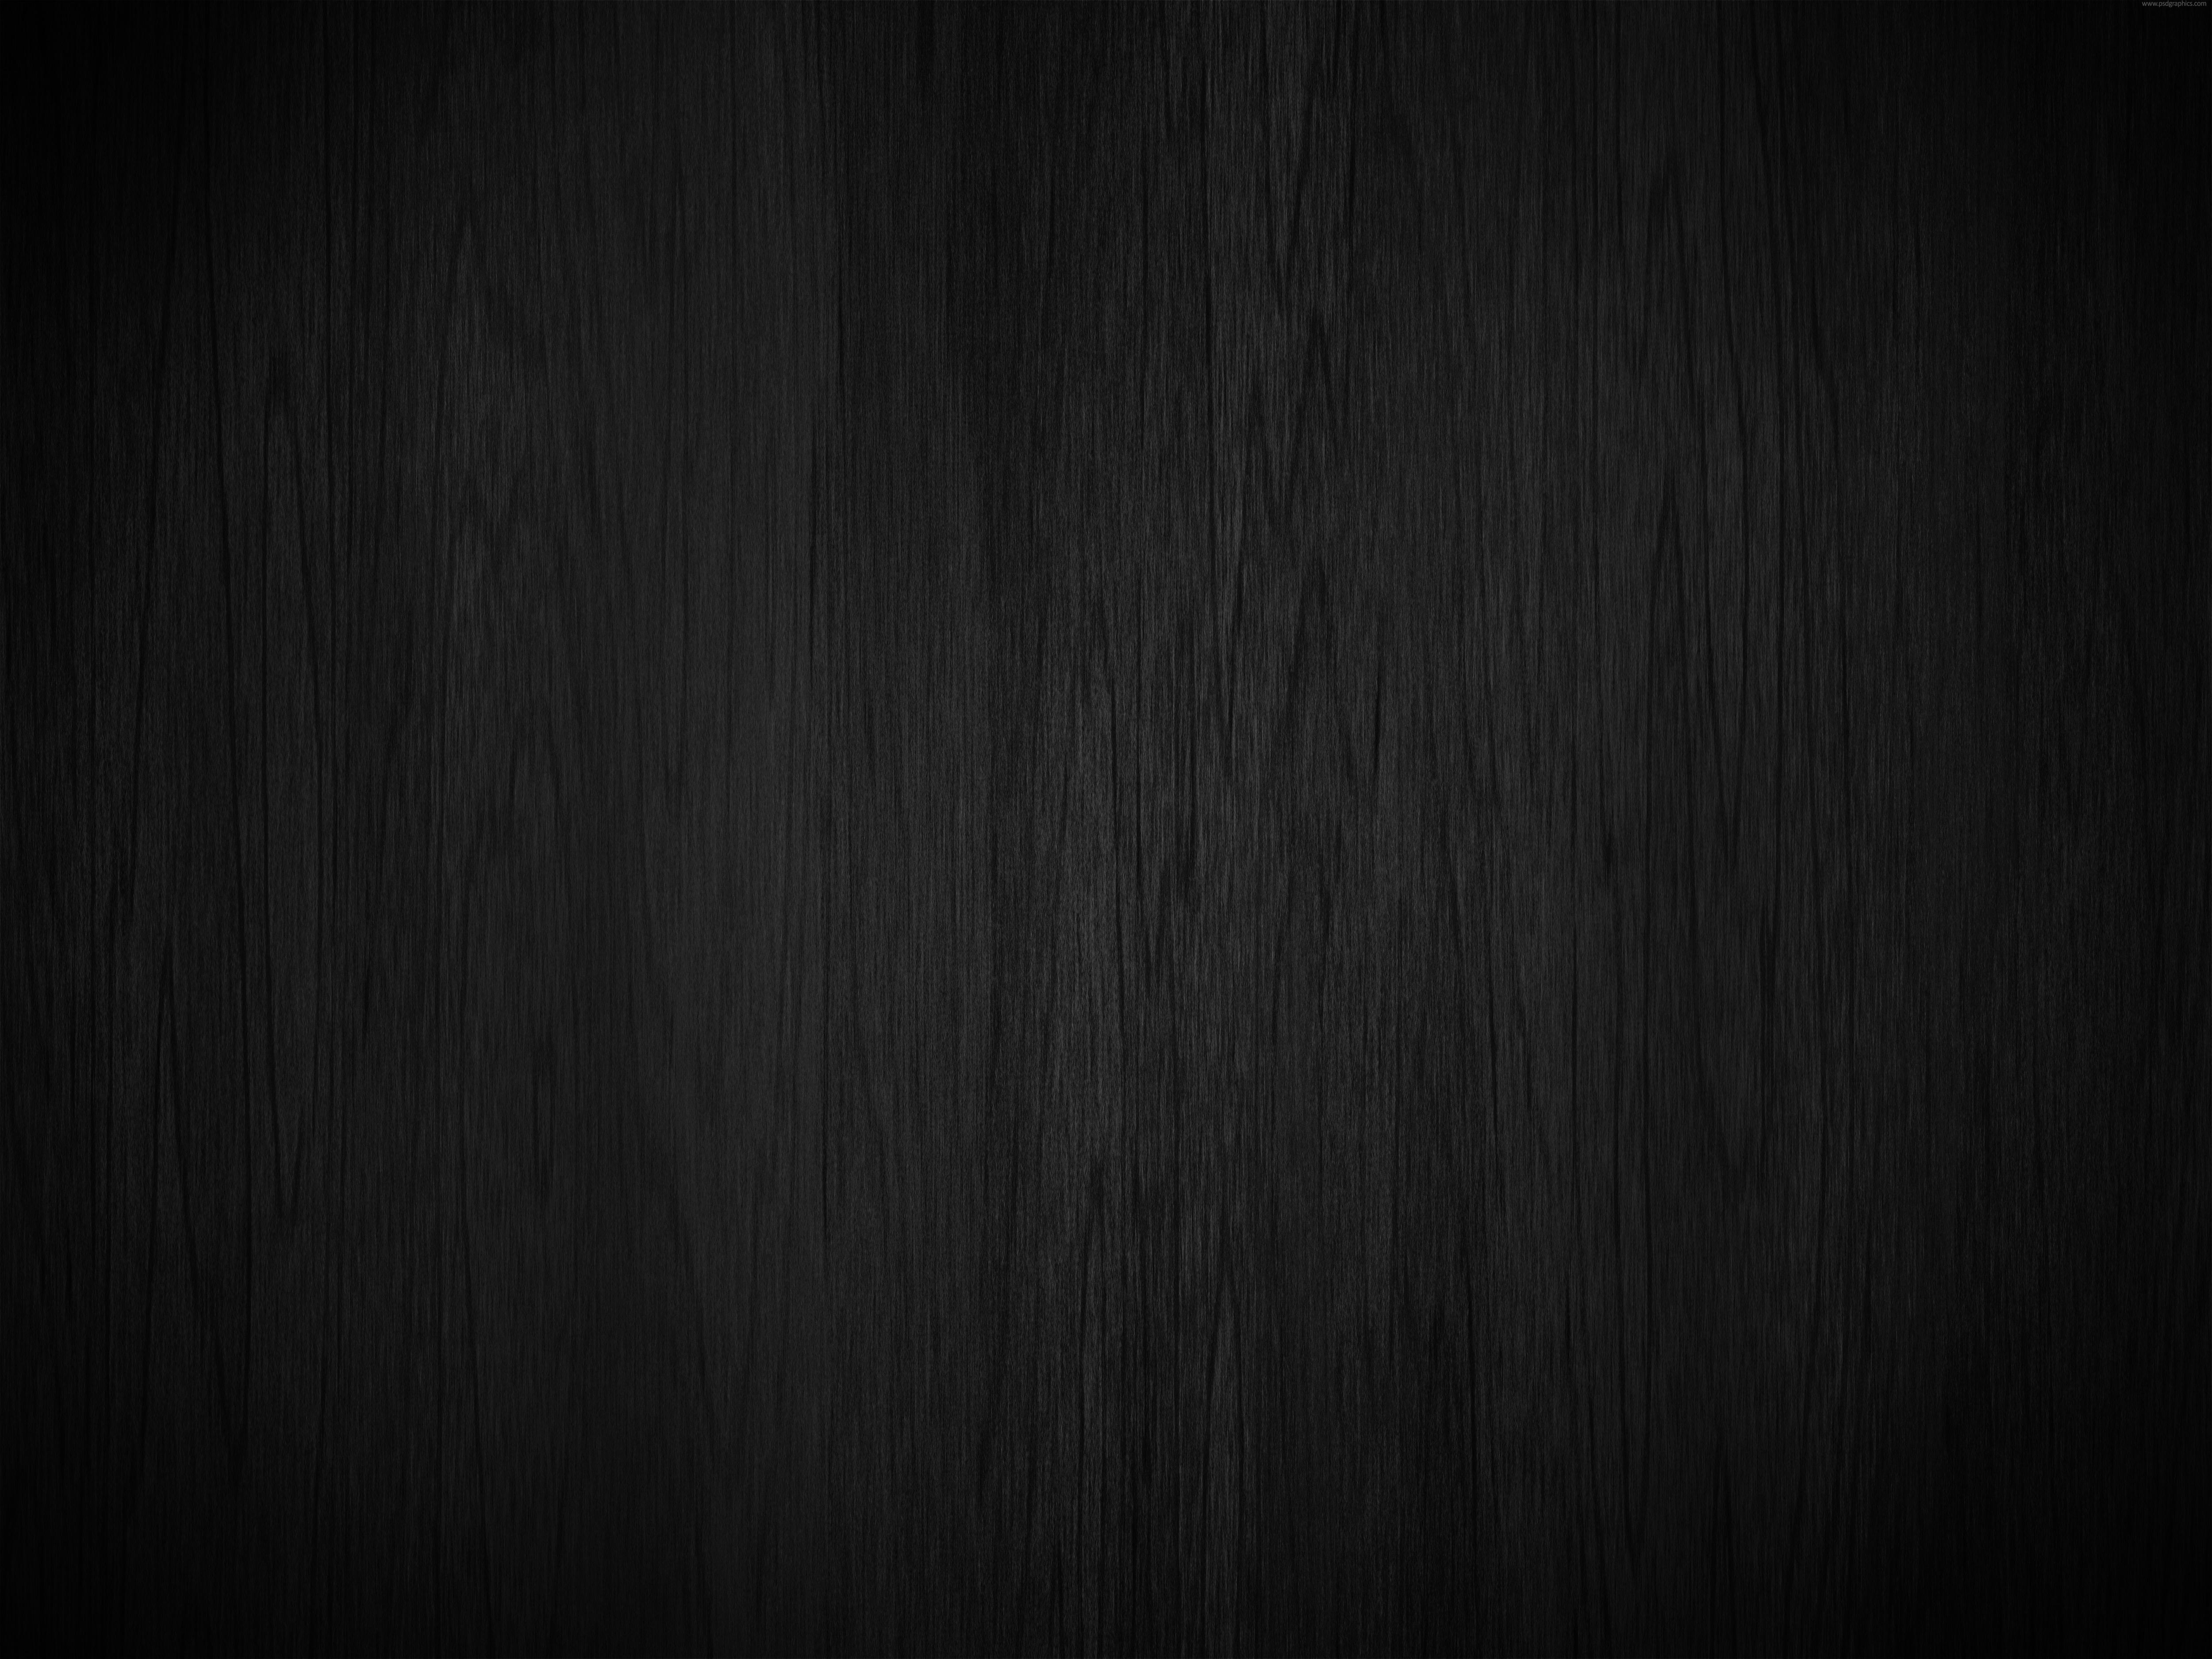 Черное дерево - текстура (фон) с разрешением 5000 px